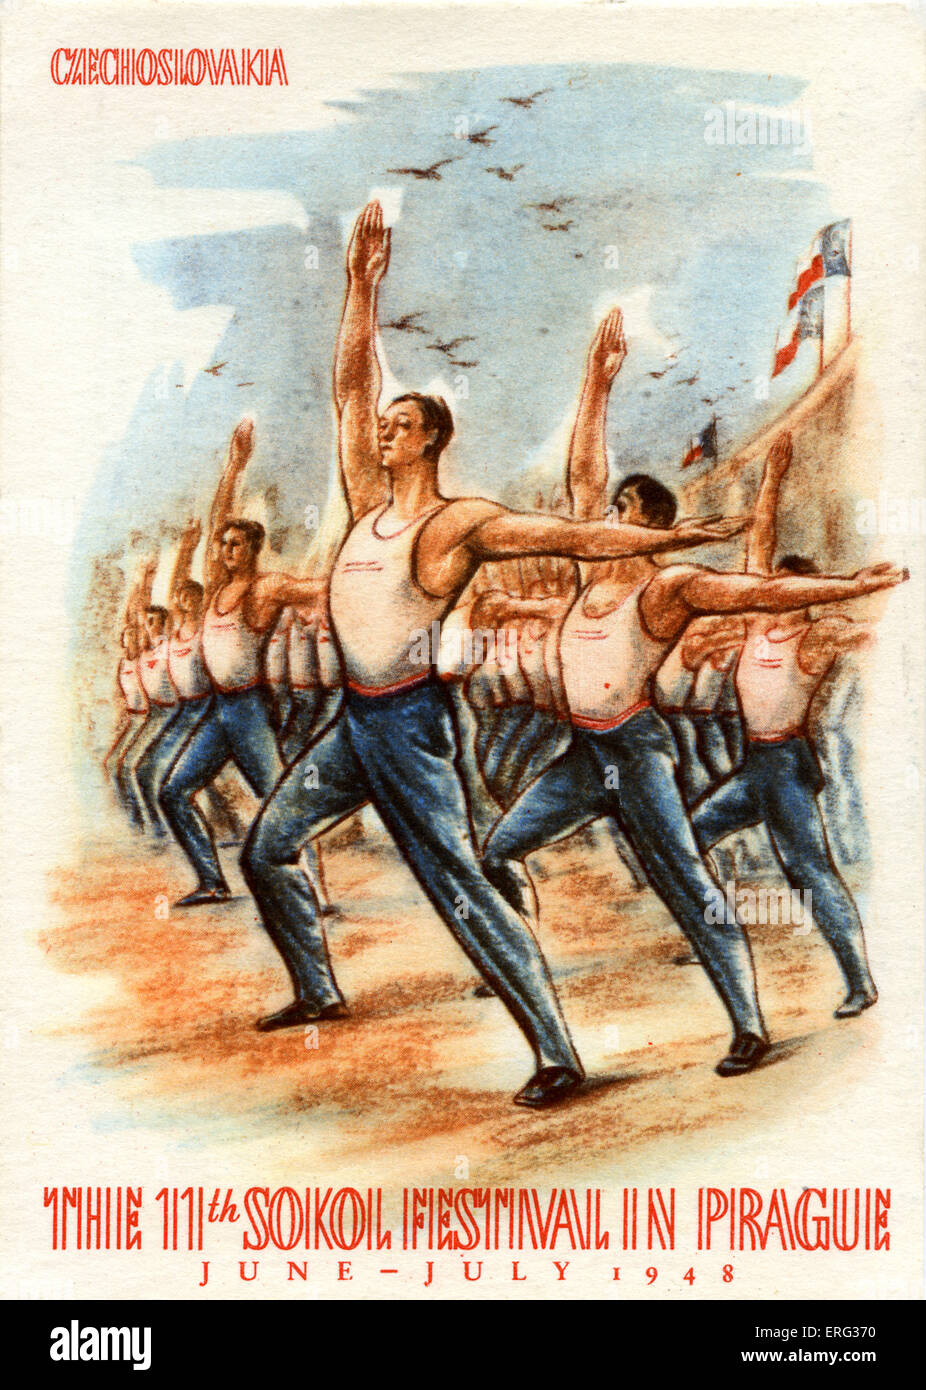 Le 11e Festival Sokol, un youth sport et gymnastique festival, tenue à Prague, juin - juillet 1948. Sokol  Photo Stock